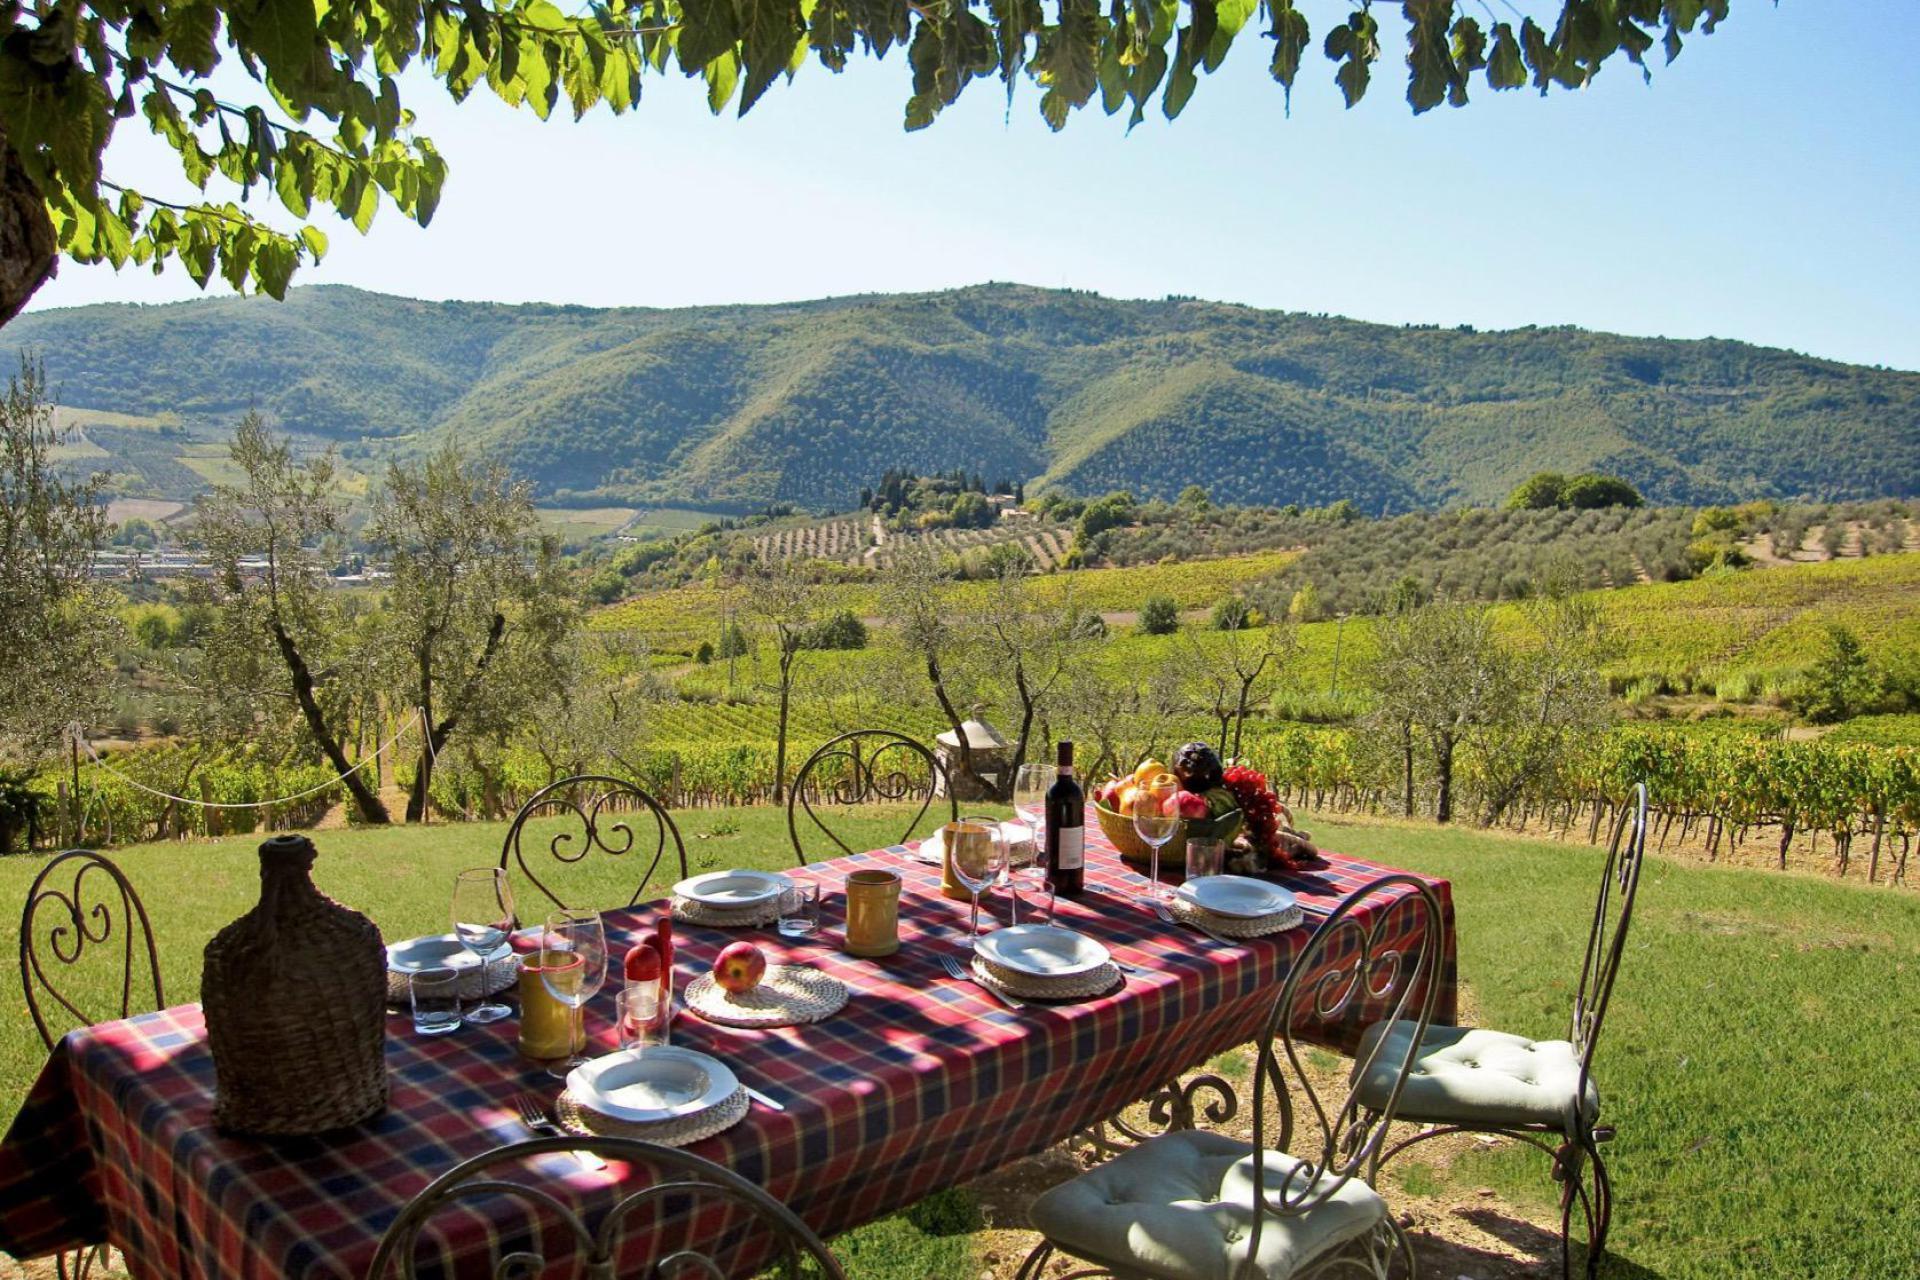 Agriturismo Toskana Außergewöhnliches Weingut in der Nähe von Florenz | myitalyselection.de